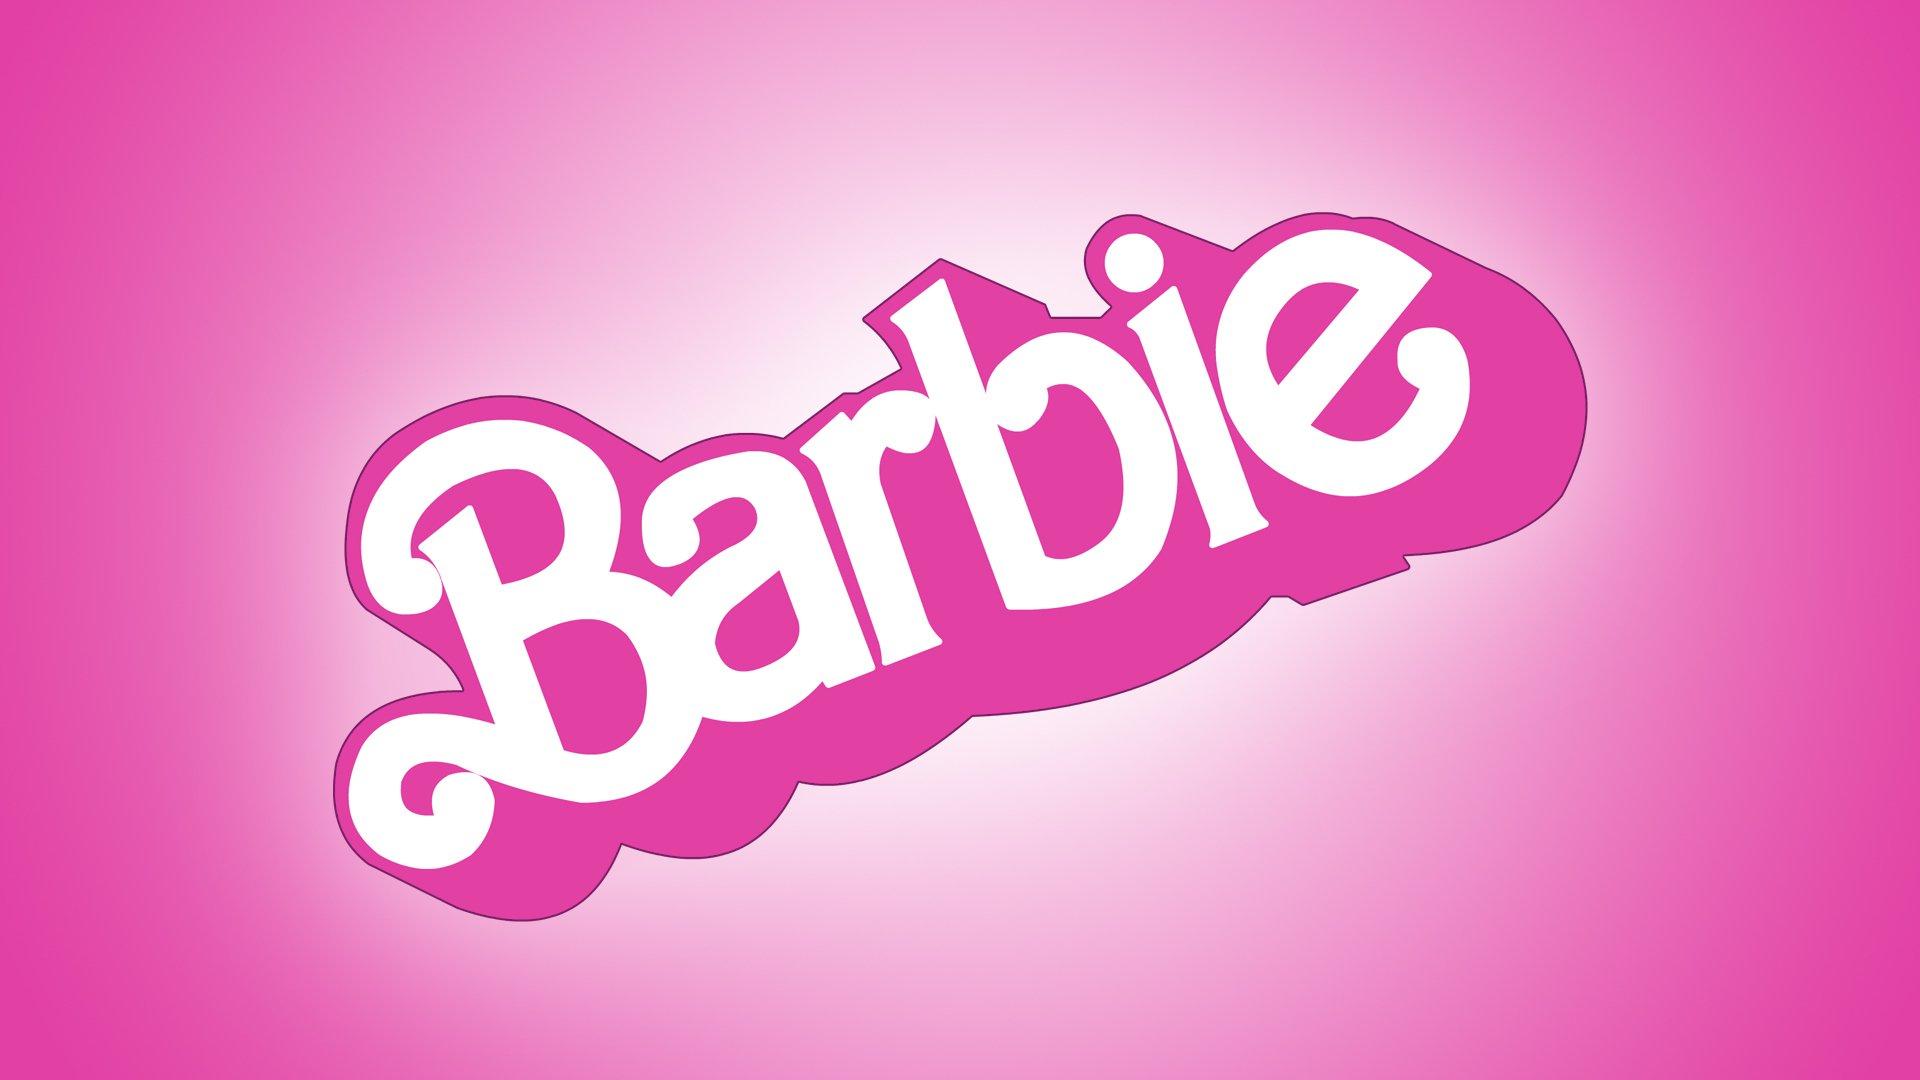 Barbies Brand Wallpaper Fondo De Pantalla Hd Fondo De